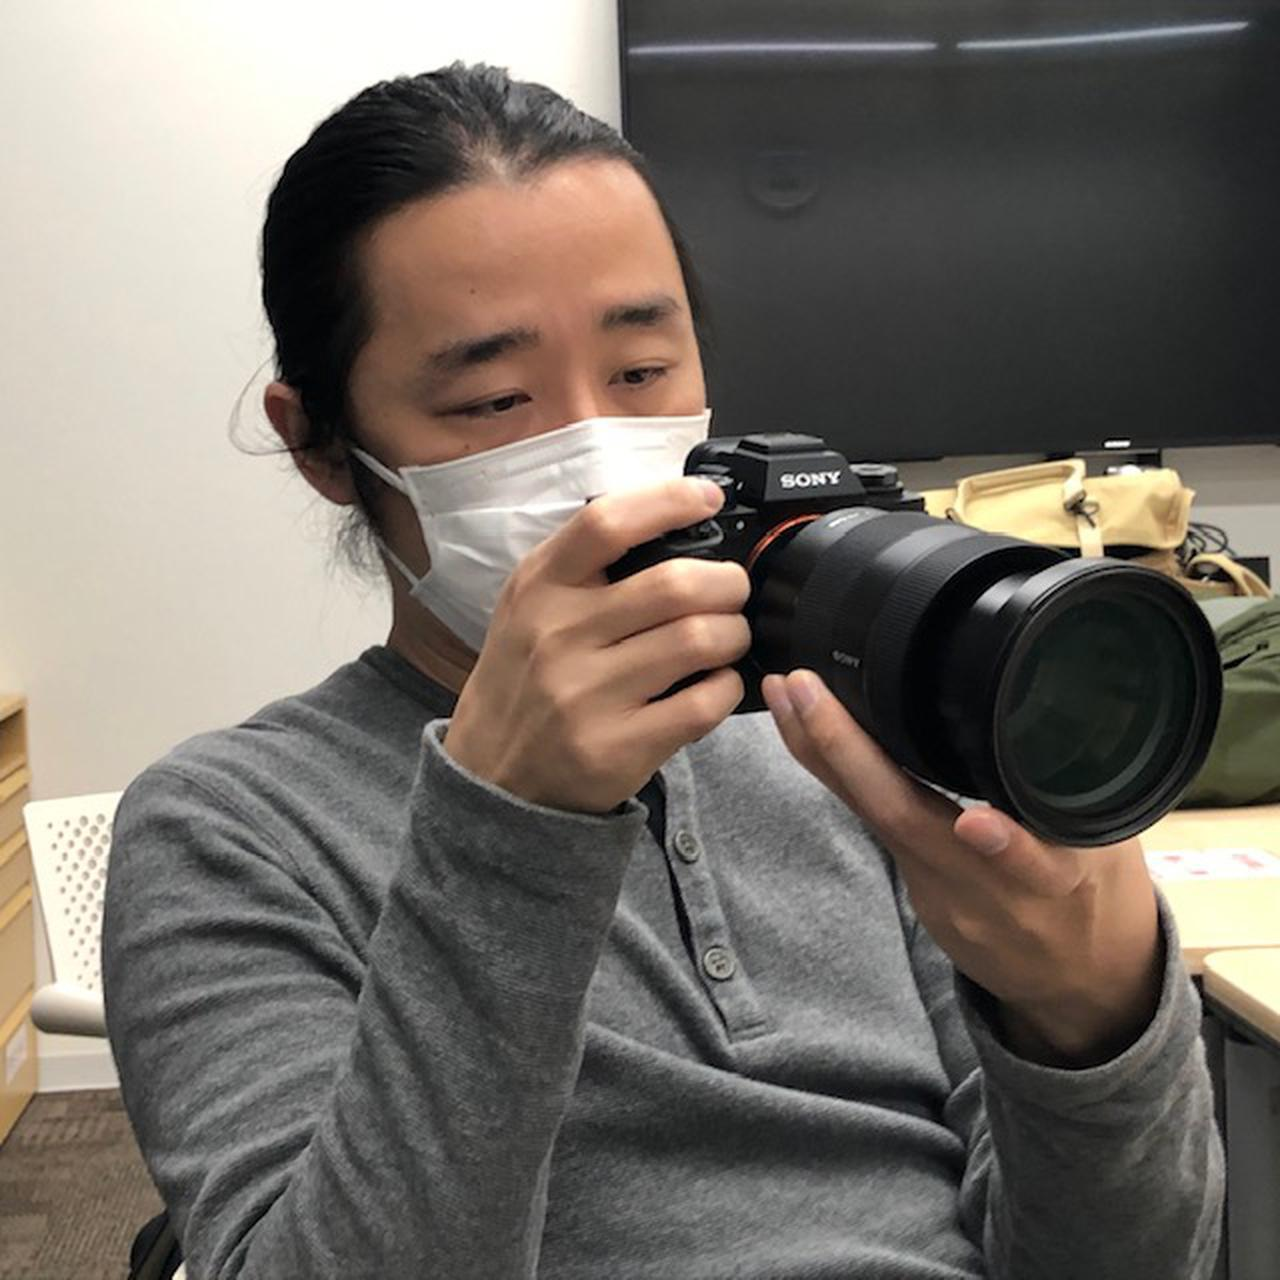 画像: ソニー α1 追加情報②トヨ魂電子版=α1をイジり倒してきましたよ。 - Webカメラマン